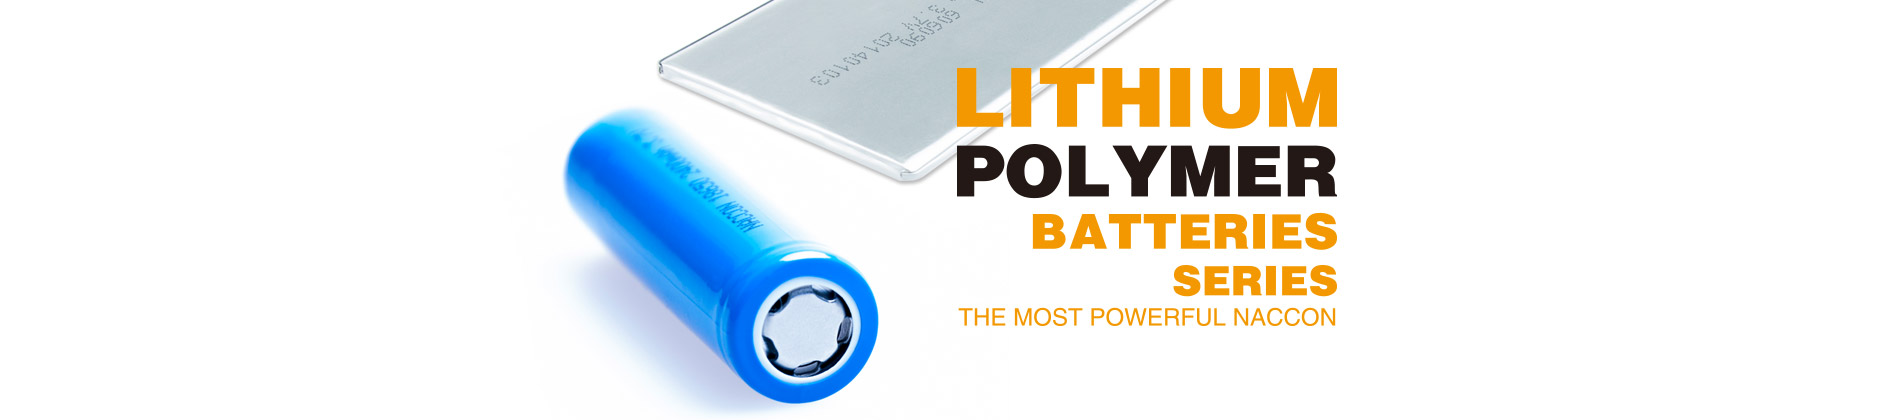 18650电池,锂离子电池